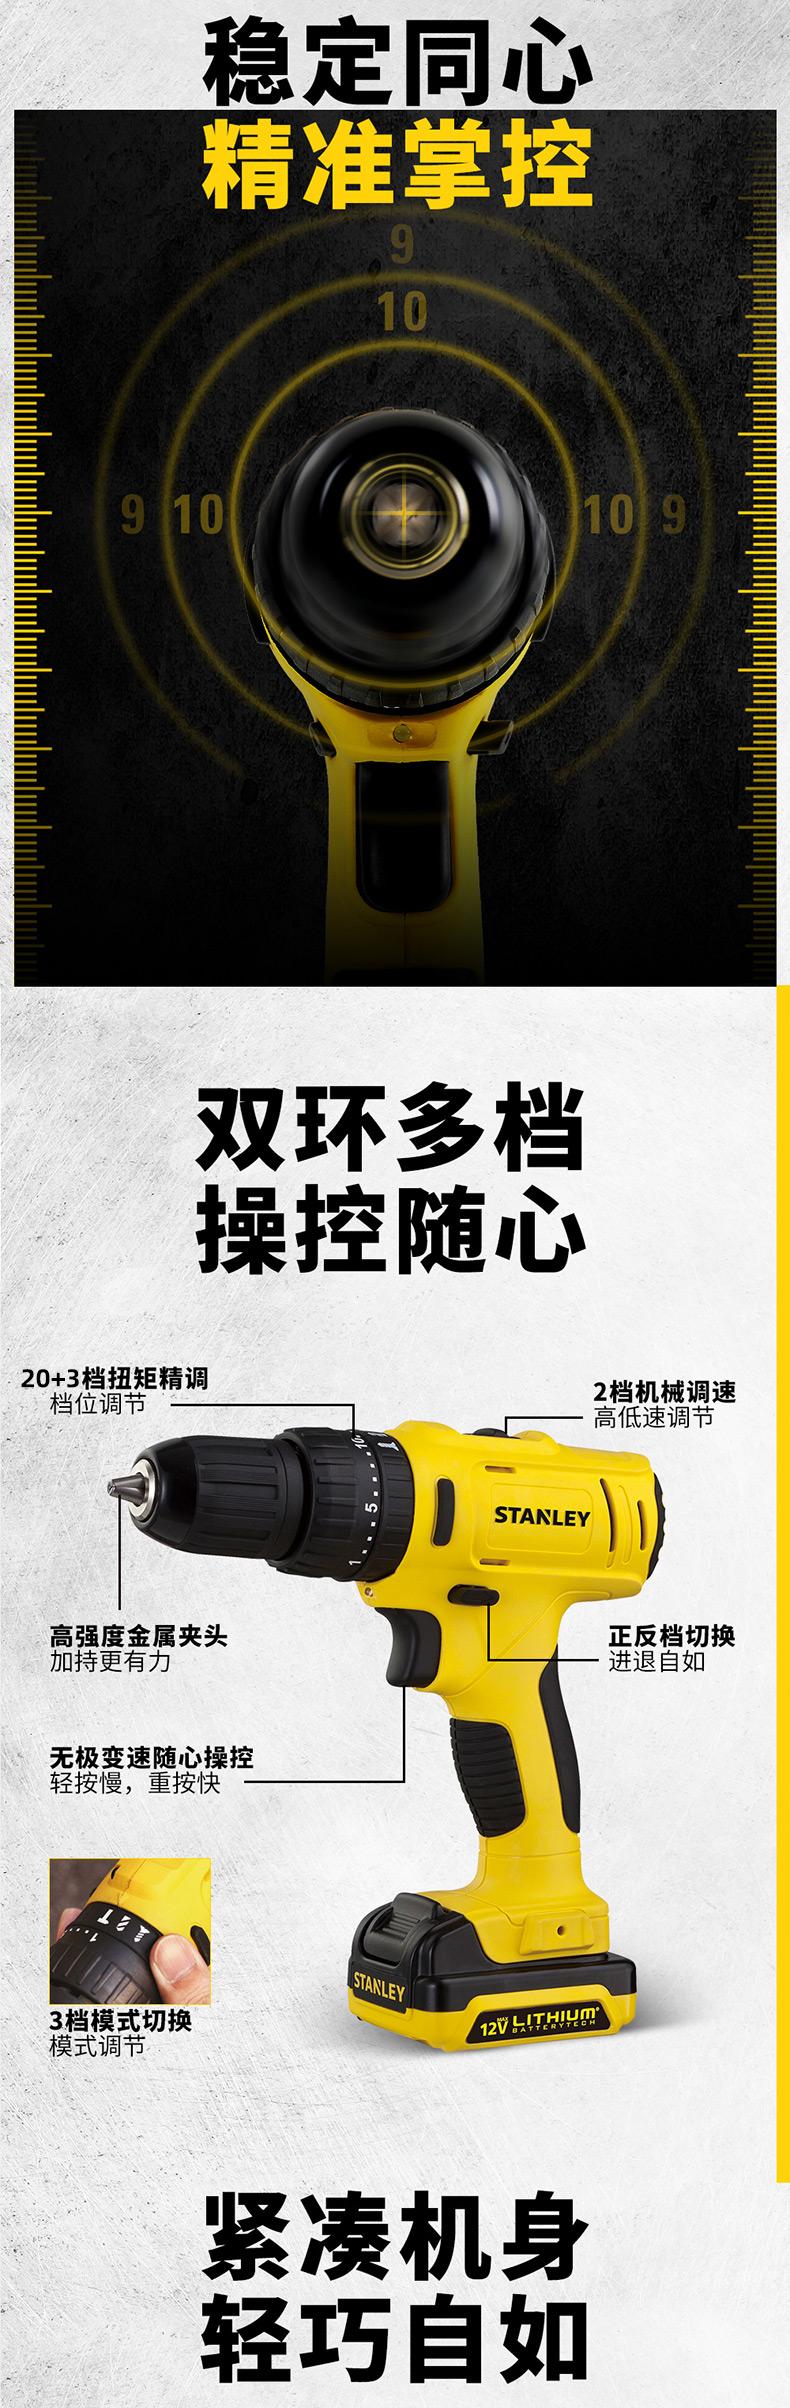 世界知名工具品牌 史丹利 手工具套装家用维修 图4